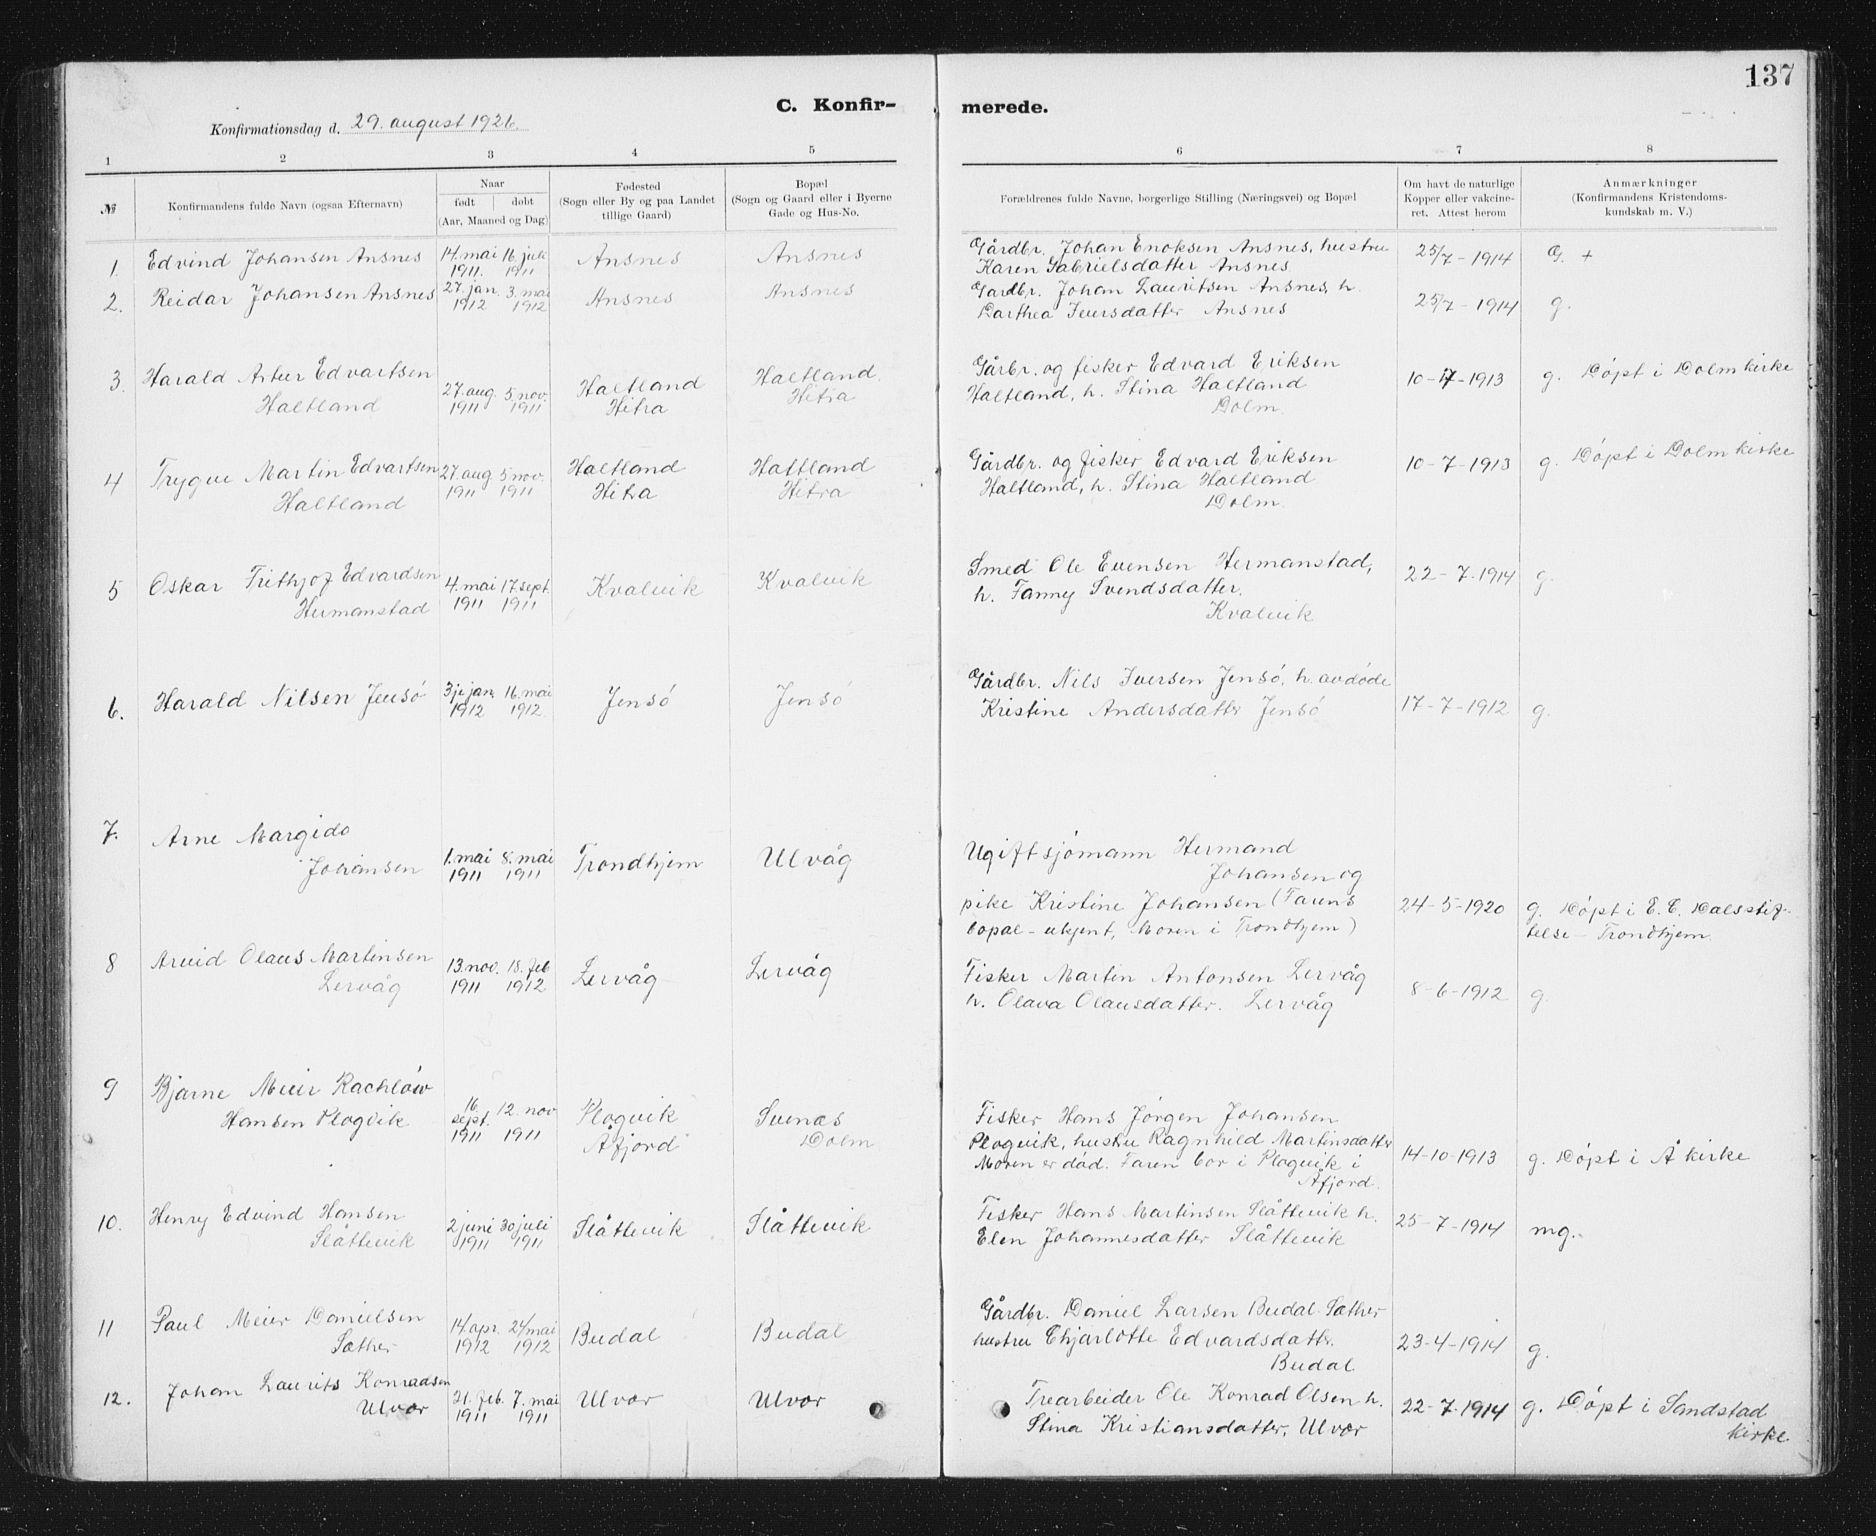 SAT, Ministerialprotokoller, klokkerbøker og fødselsregistre - Sør-Trøndelag, 637/L0563: Klokkerbok nr. 637C04, 1899-1940, s. 137